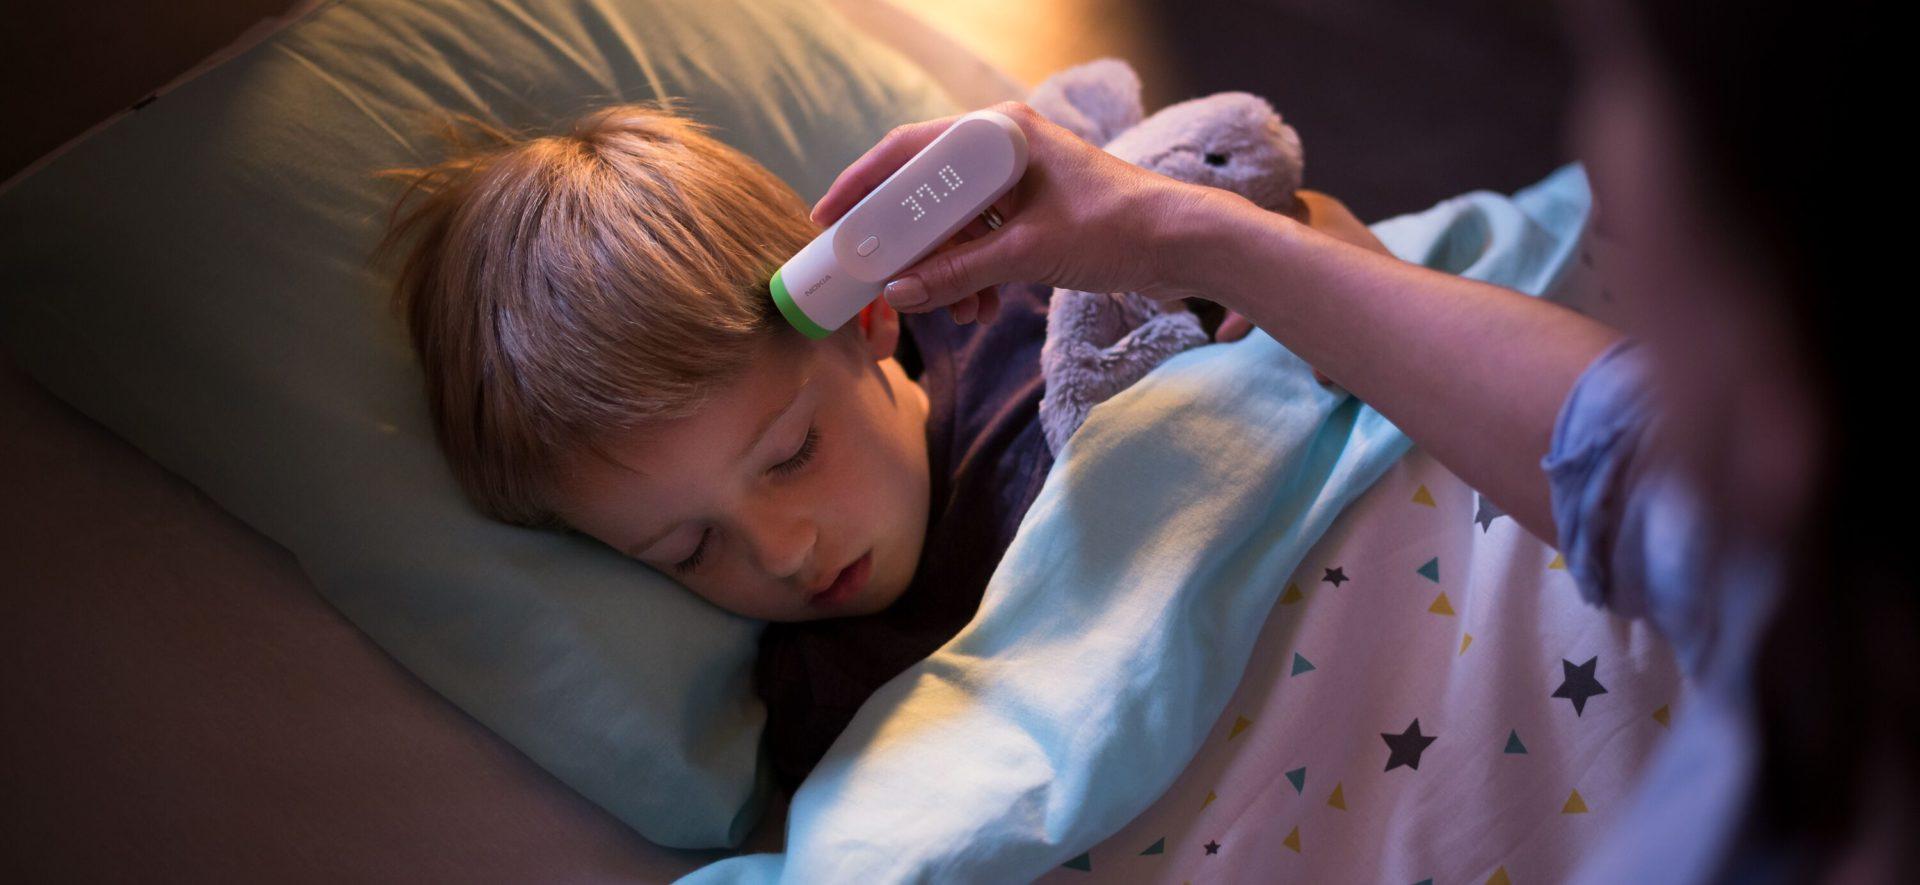 Nokia Thermo – един смарт термометър, който наистина помага